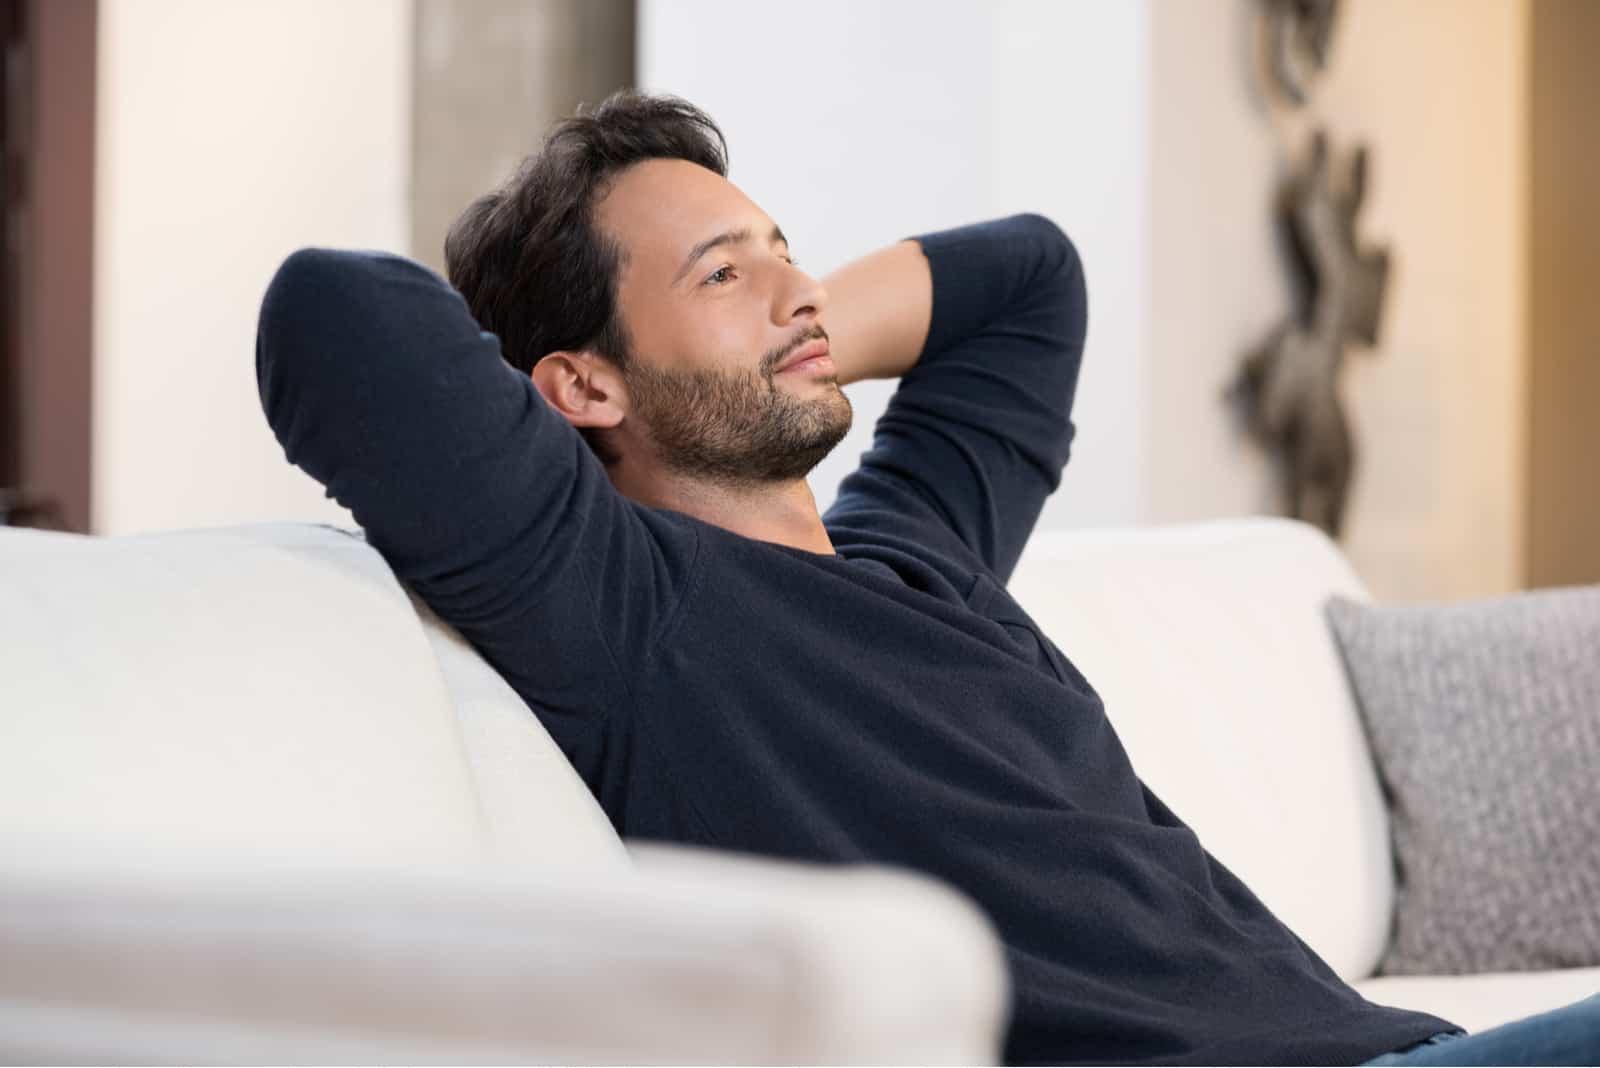 Mann ruht auf Sofa und denkt nach